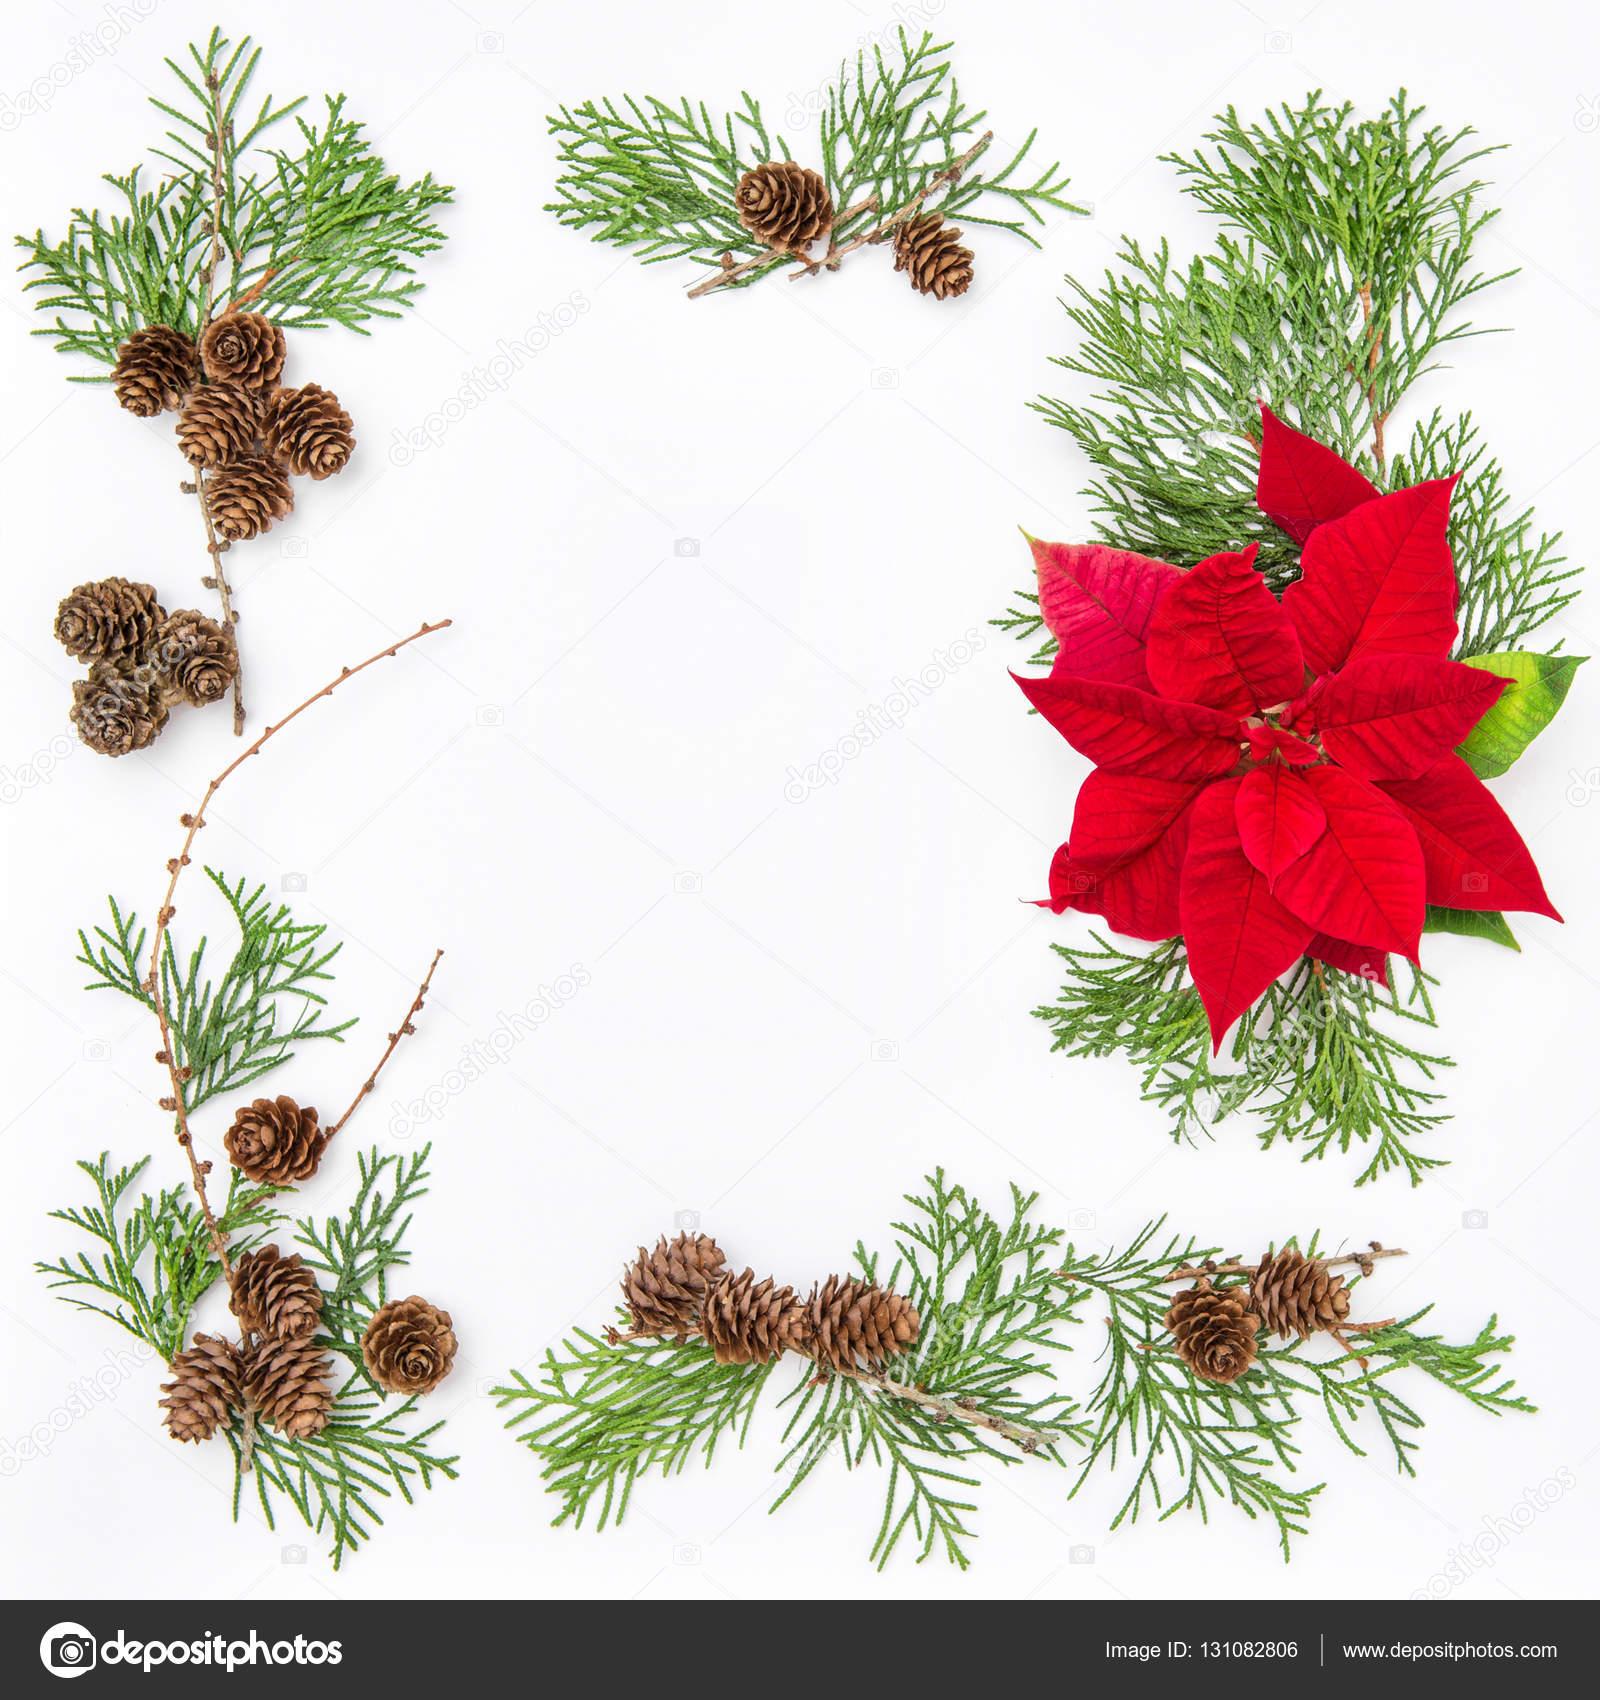 Piso flores pone flor de Pascua flor Navidad de marco ramas de tuya ...